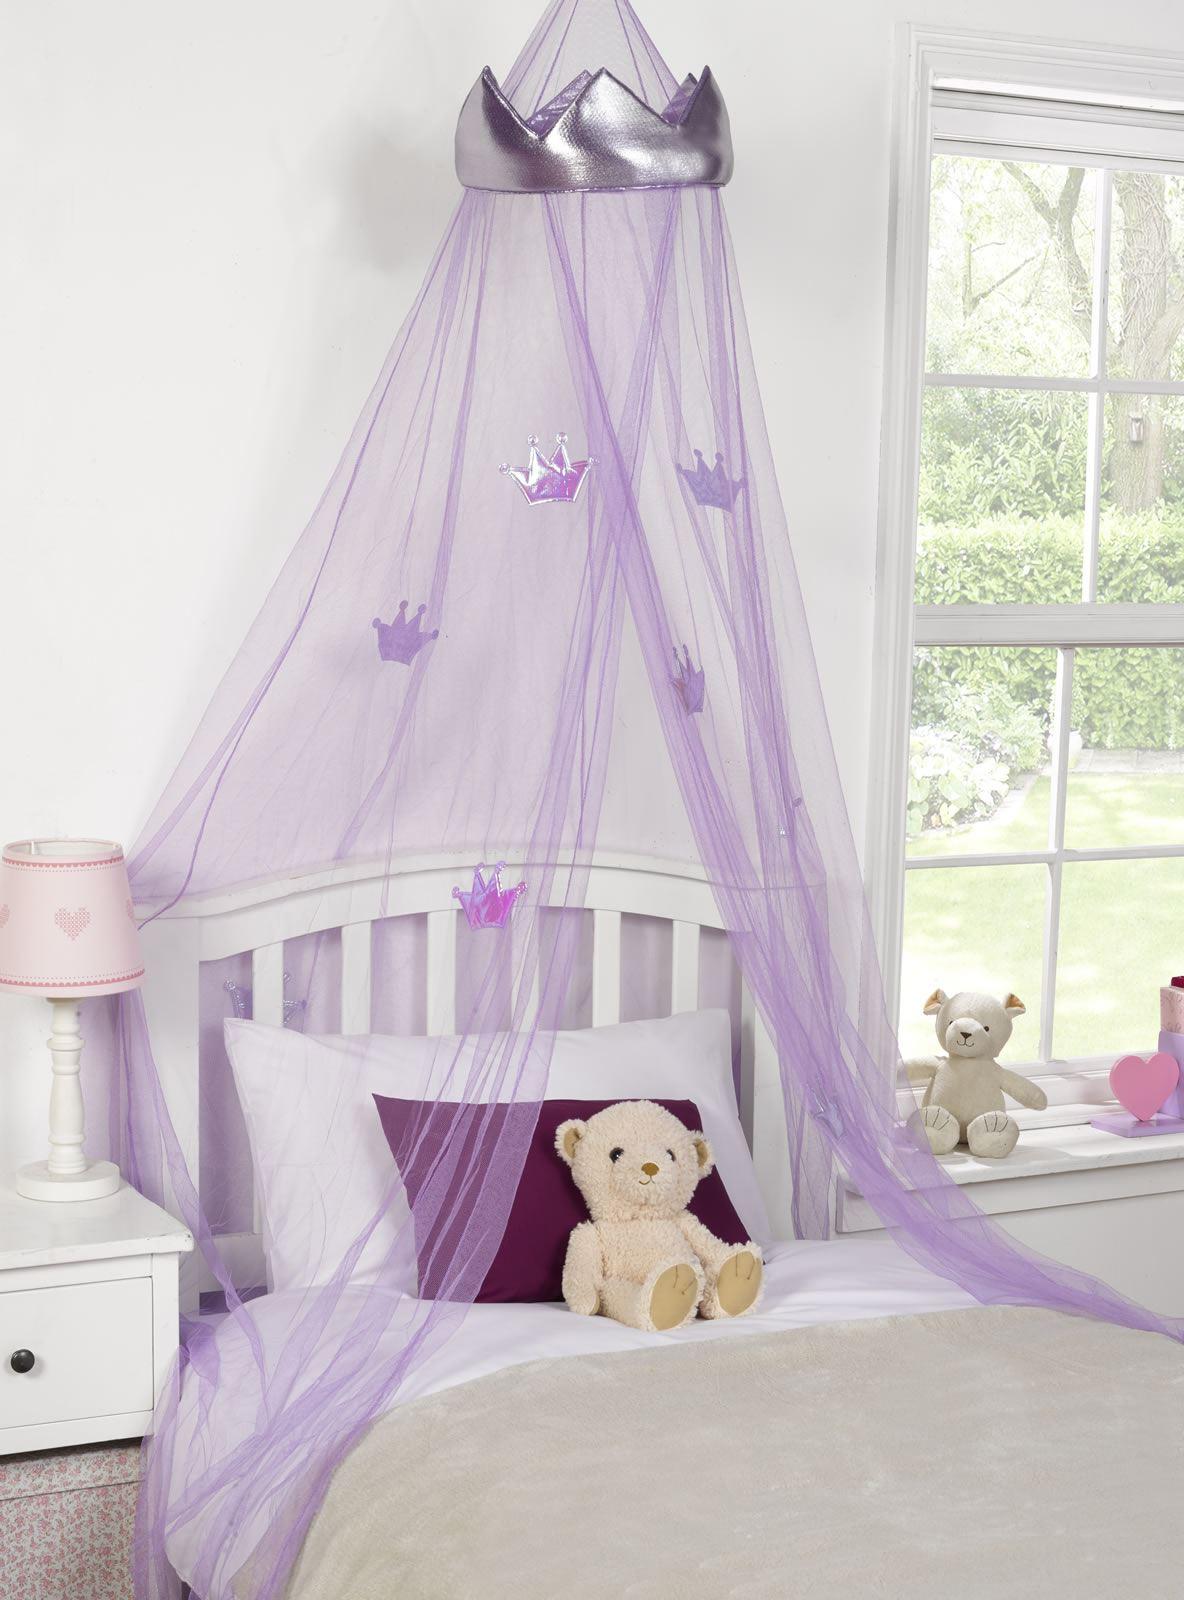 Betthimmel, Prinzessin, Moskitonetz, Kinderschlafzimmer, lila ... | {Kinderschlafzimmer 39}